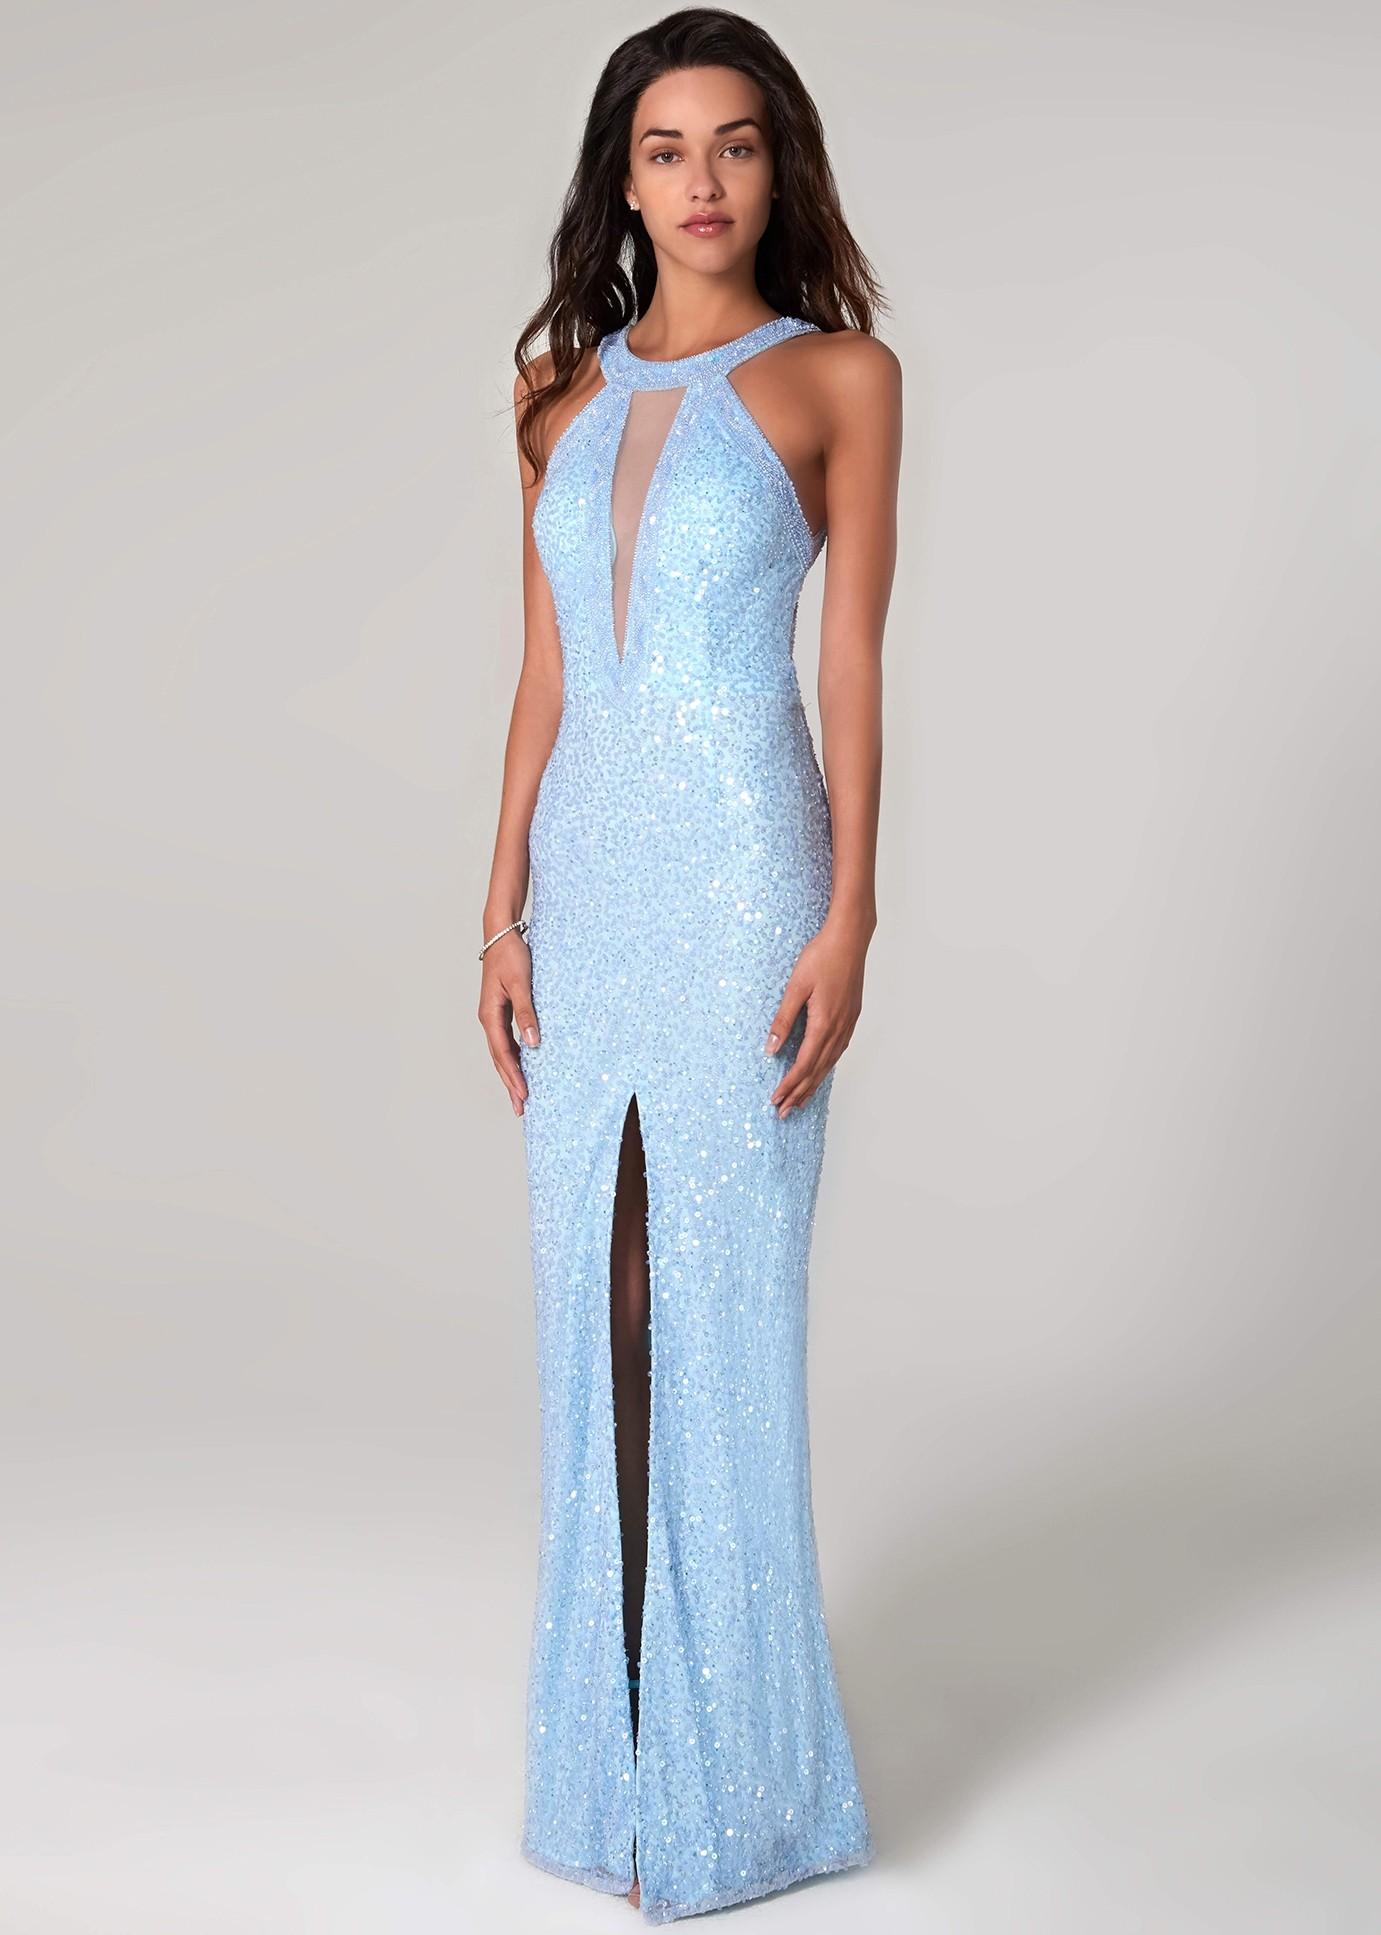 Scala 60113 Prom Dress